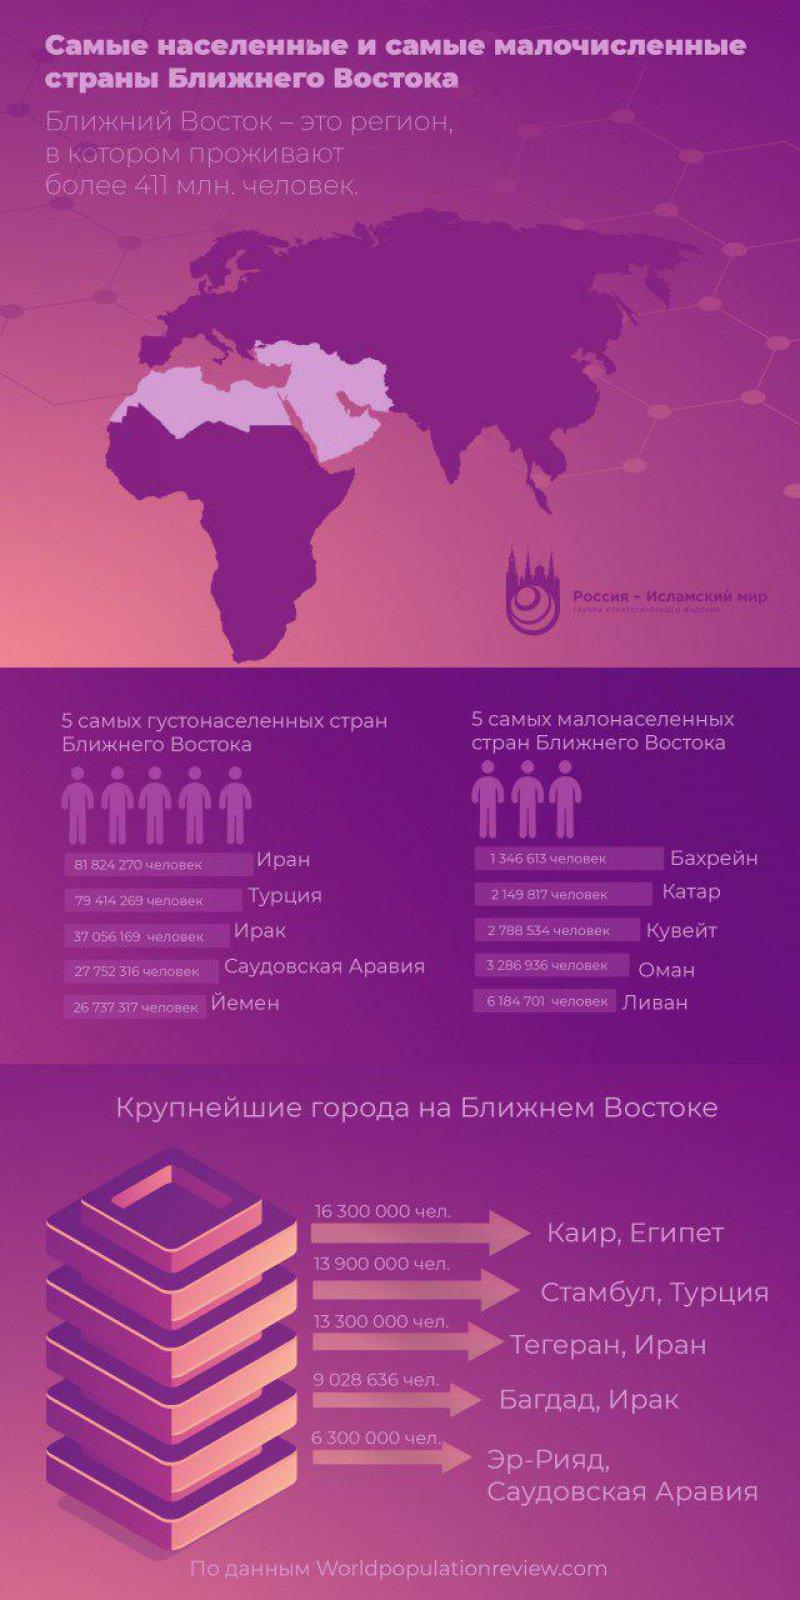 Самые населенные и самые малочисленные страны Ближнего Востока (ИНФОГРАФИКА)